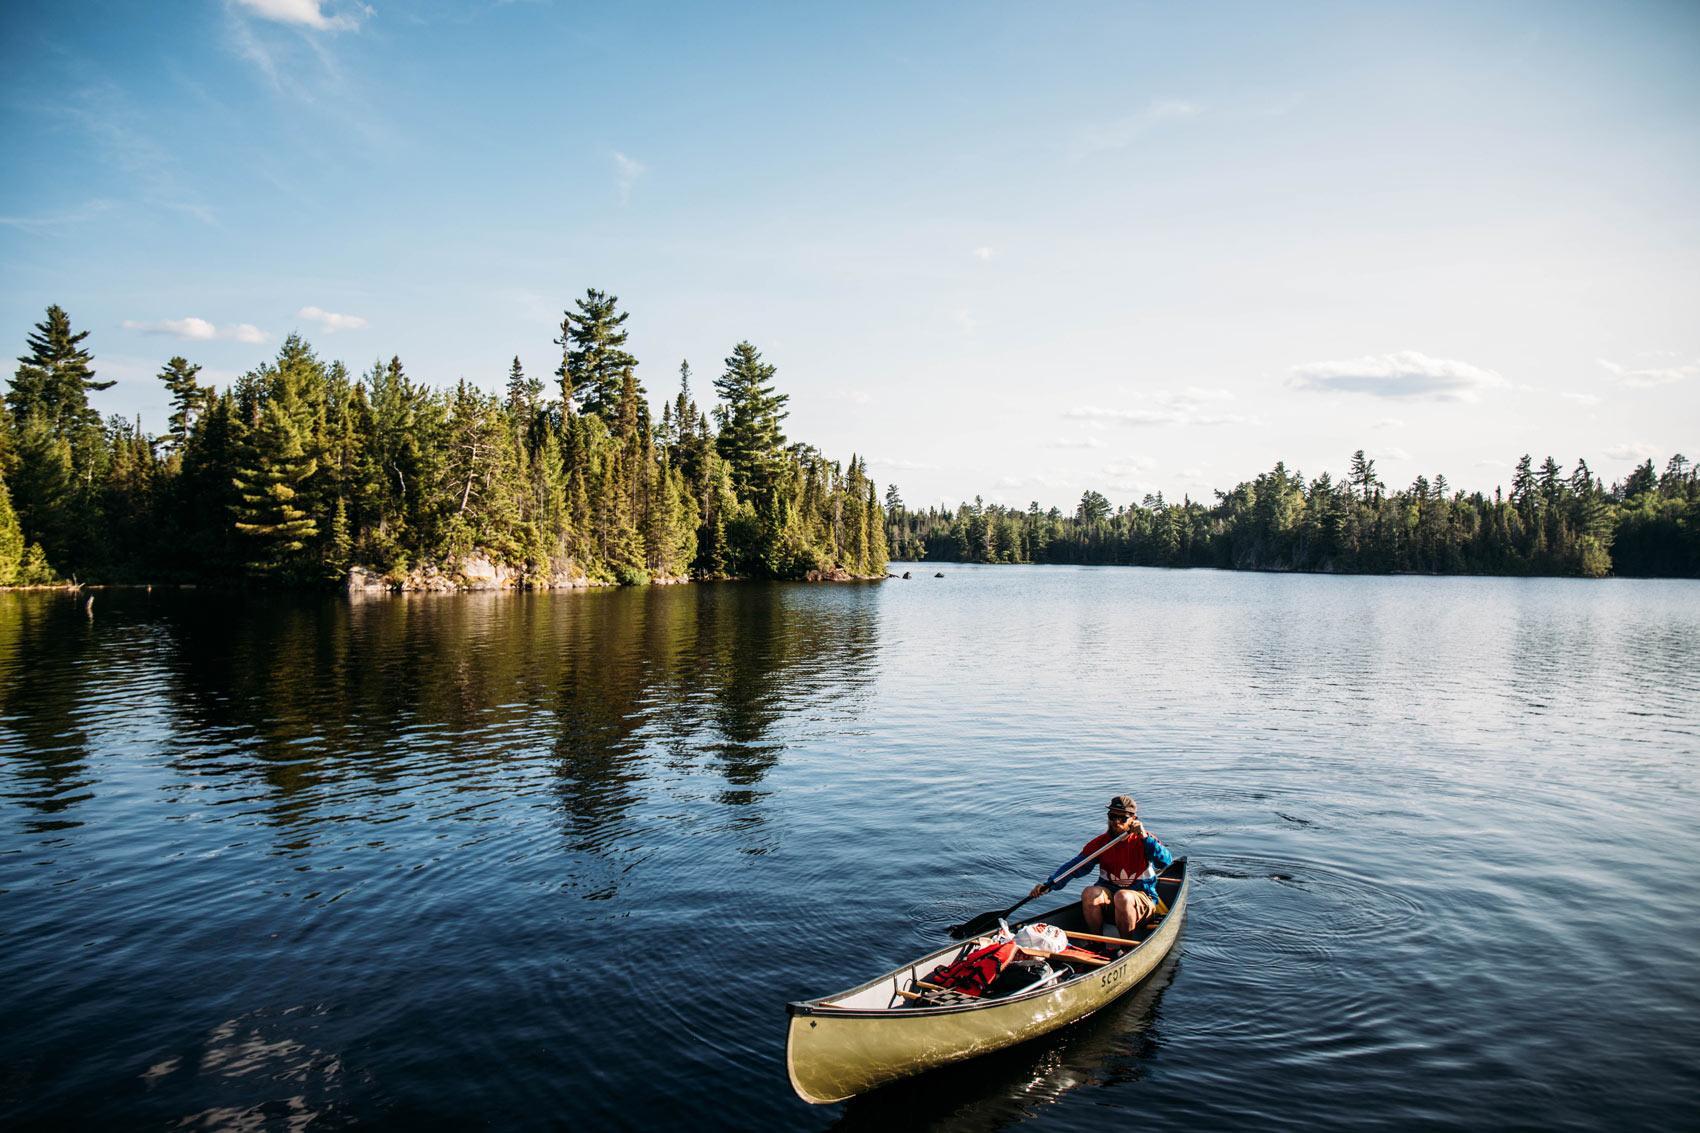 meilleur endroit où faire du canot-camping